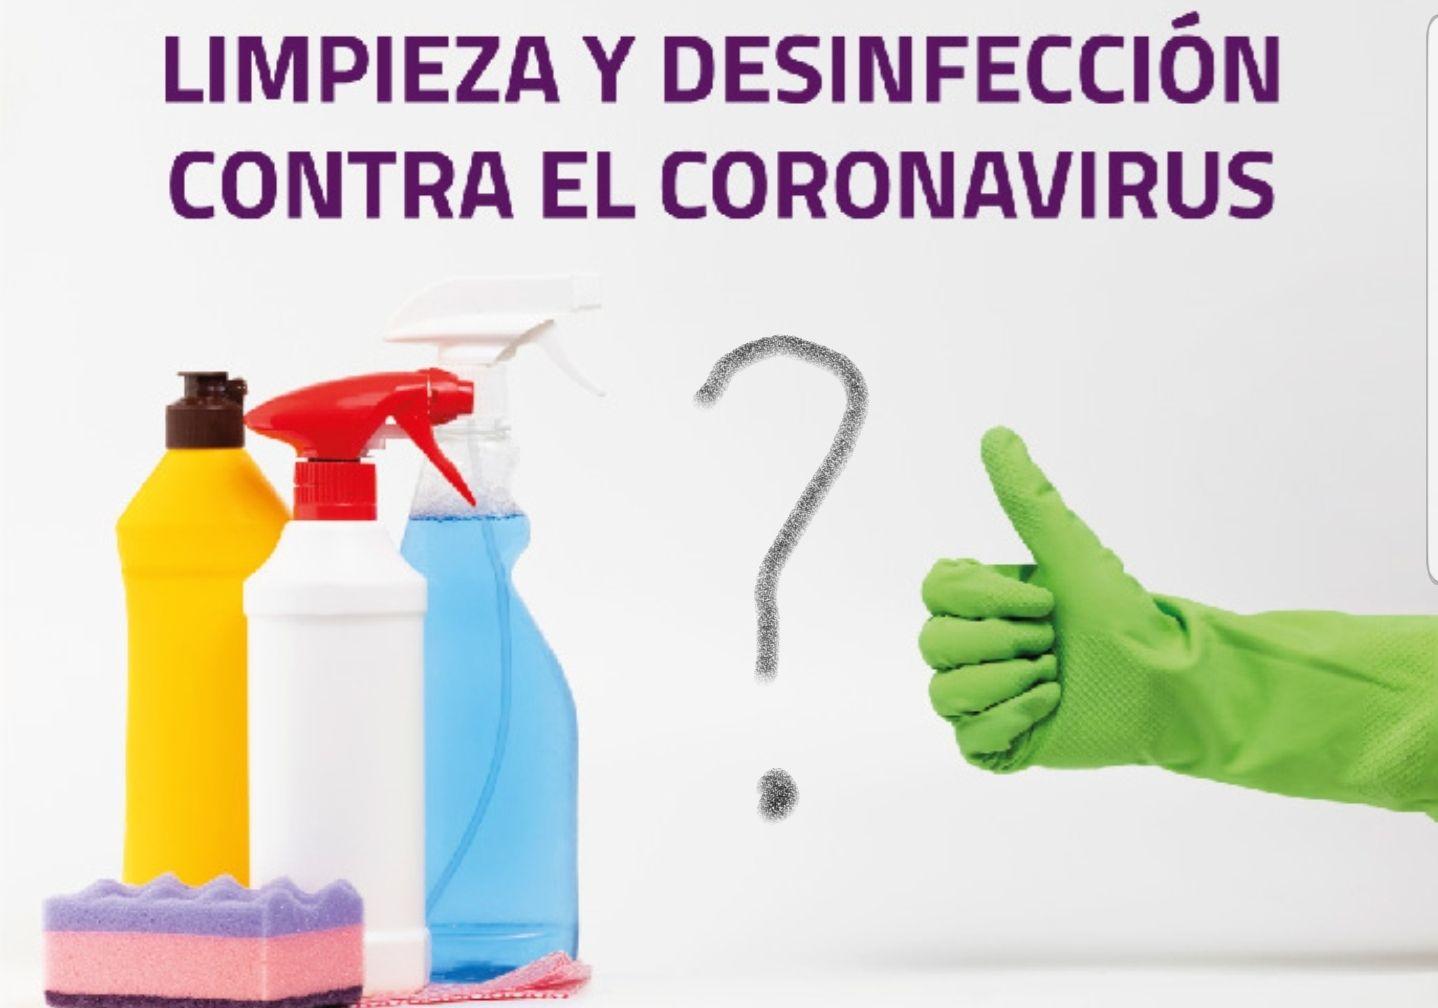 ¿hay que desinfectar todavia las compras o eso ya fue?